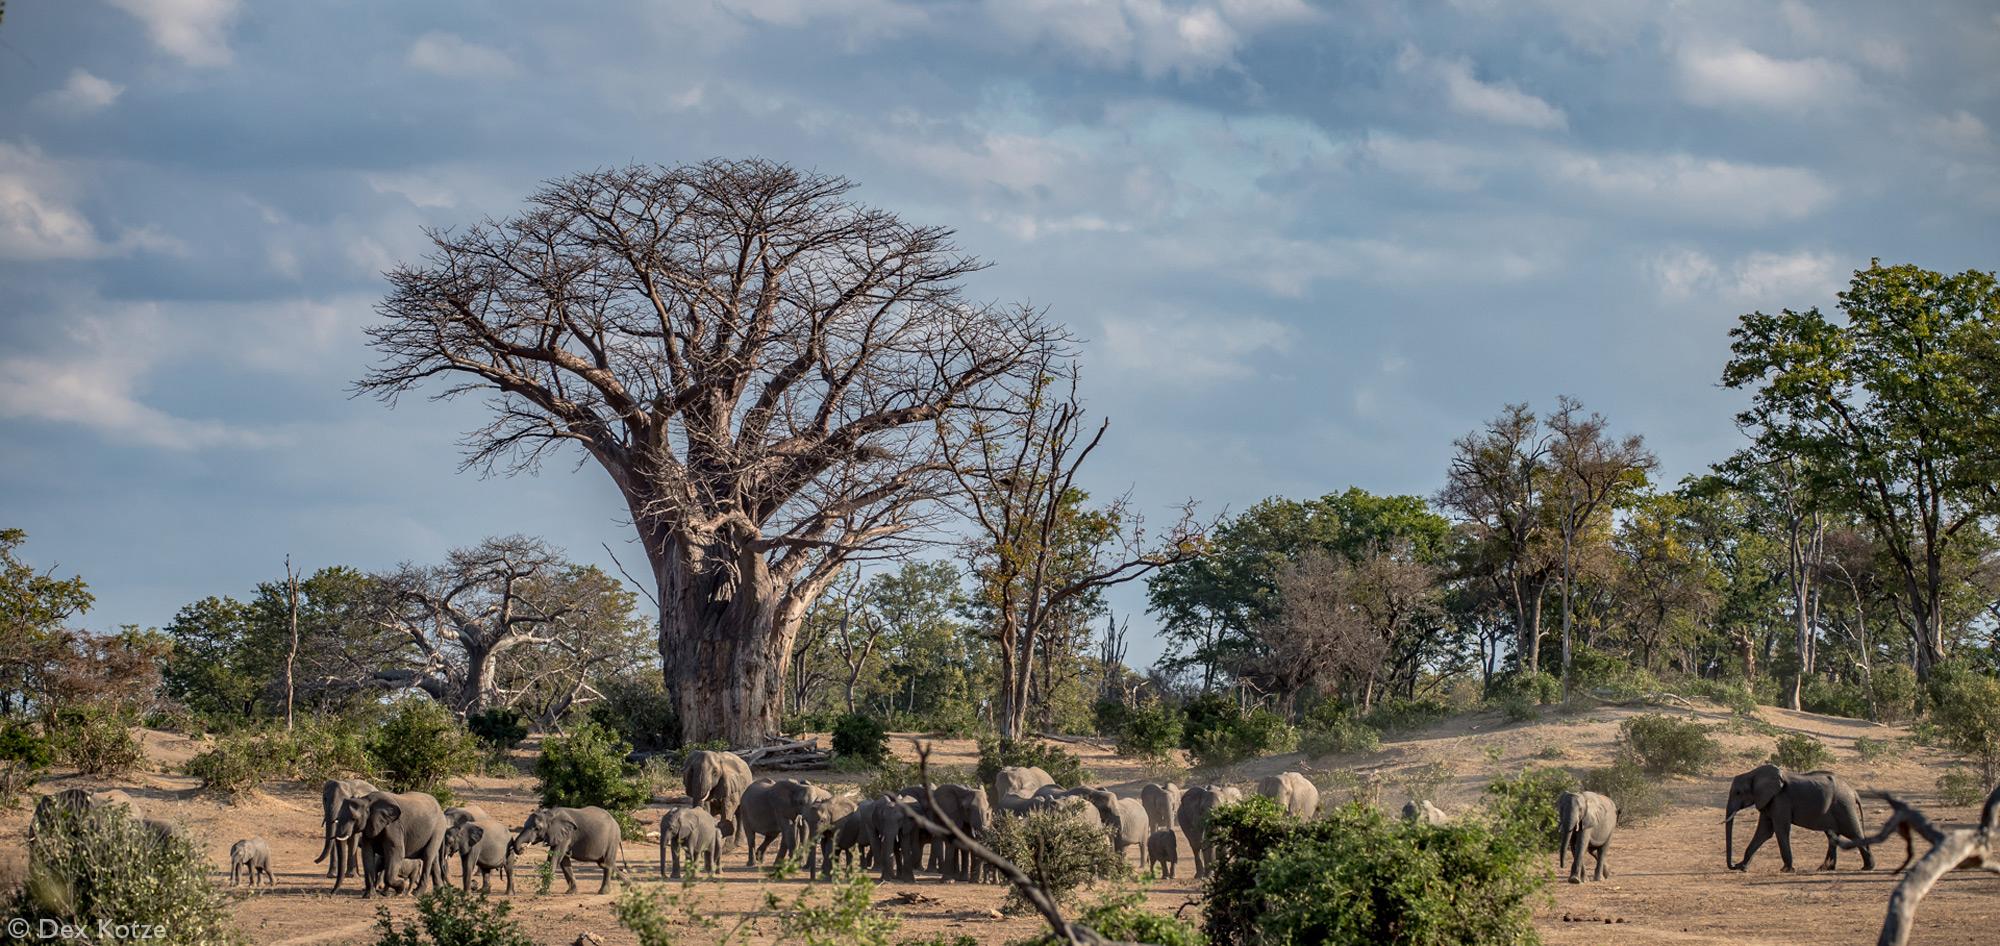 Elephants and baobab trees in Gonarezhou National Park, Zimbabwe